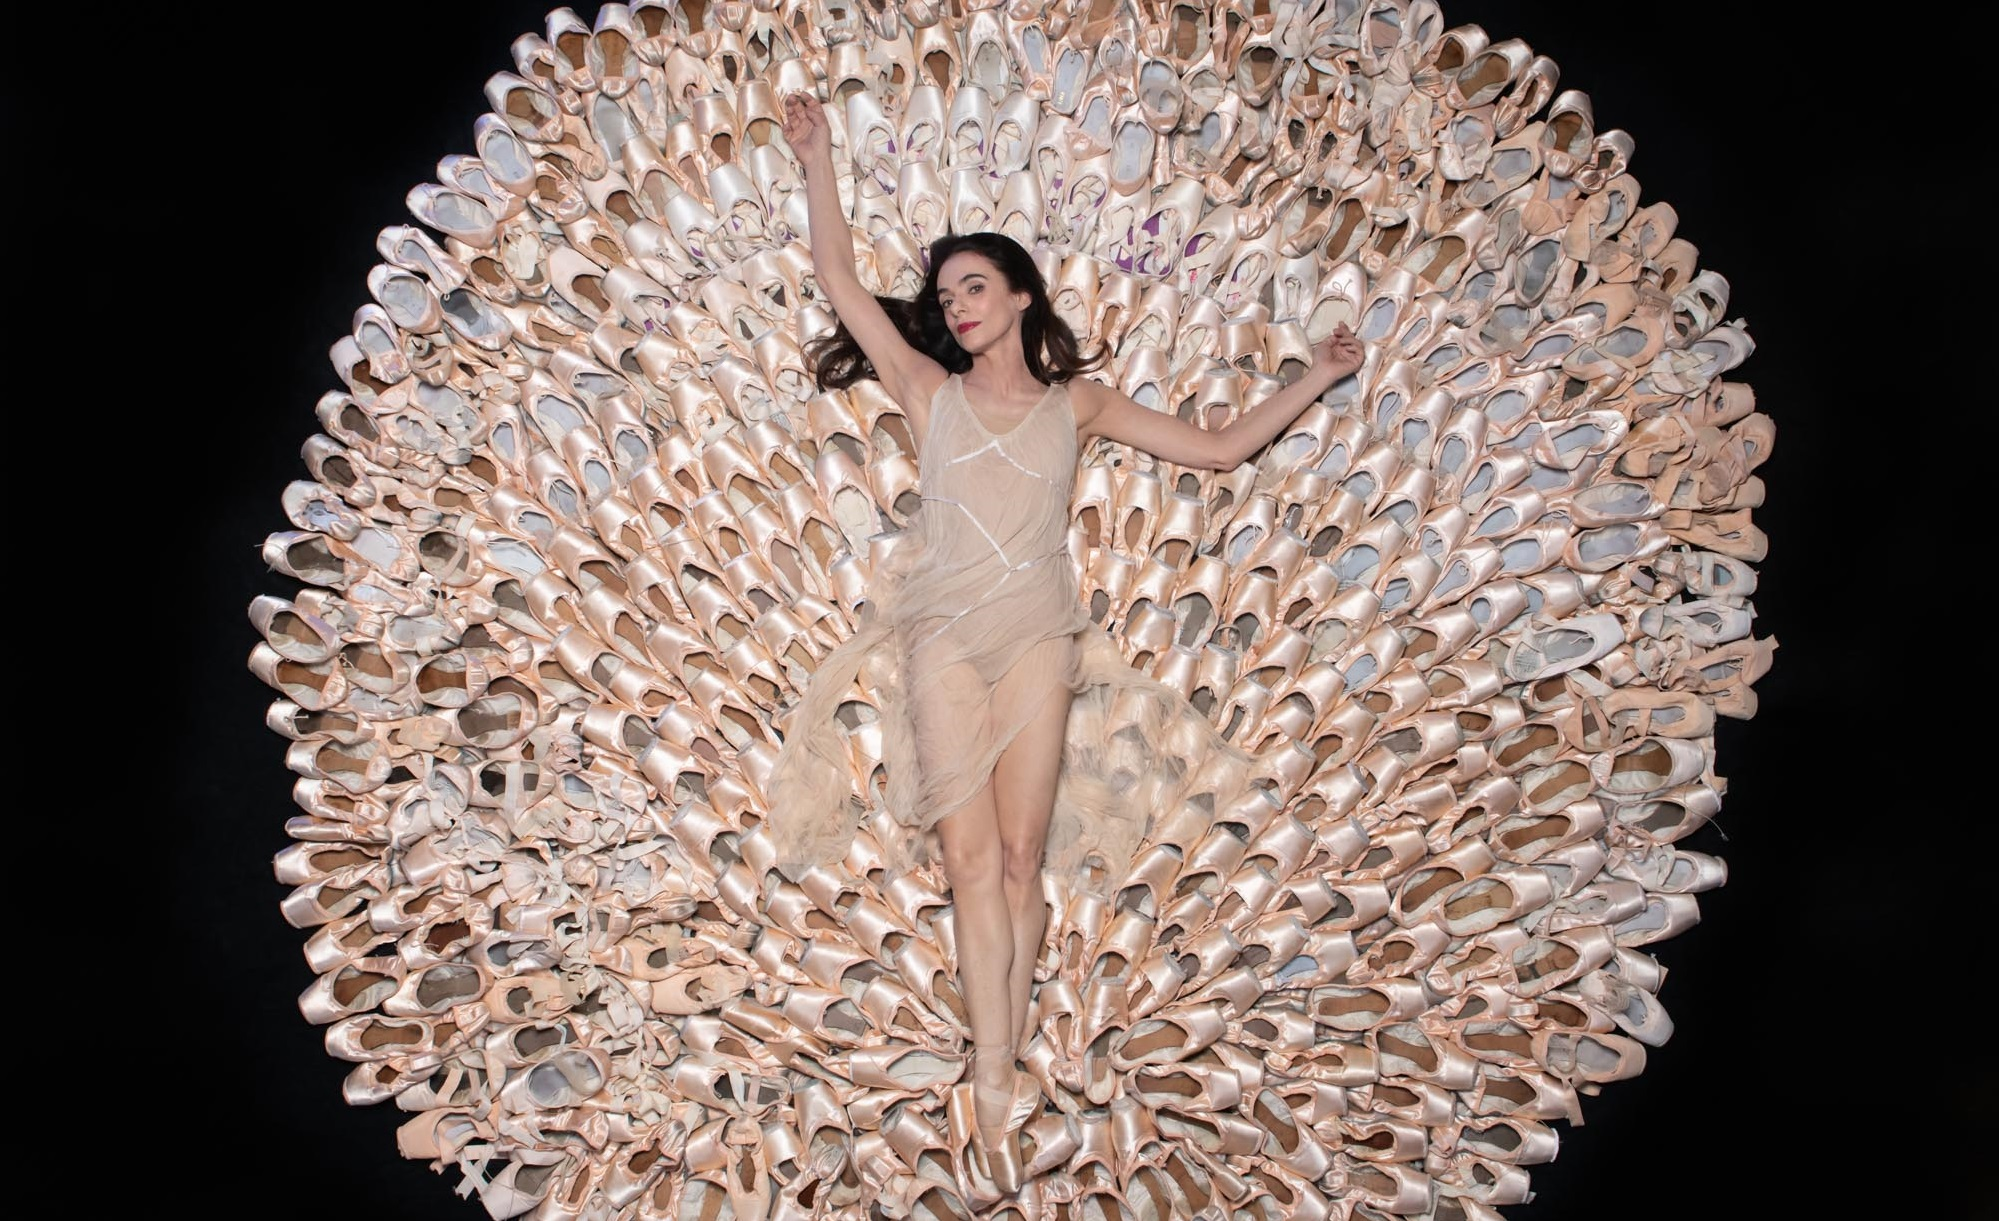 la foto a colori mostra la ballerina Alessandra Ferri sdraiata su un tappeto di scarpette da ballo rosa a forma di cerchio